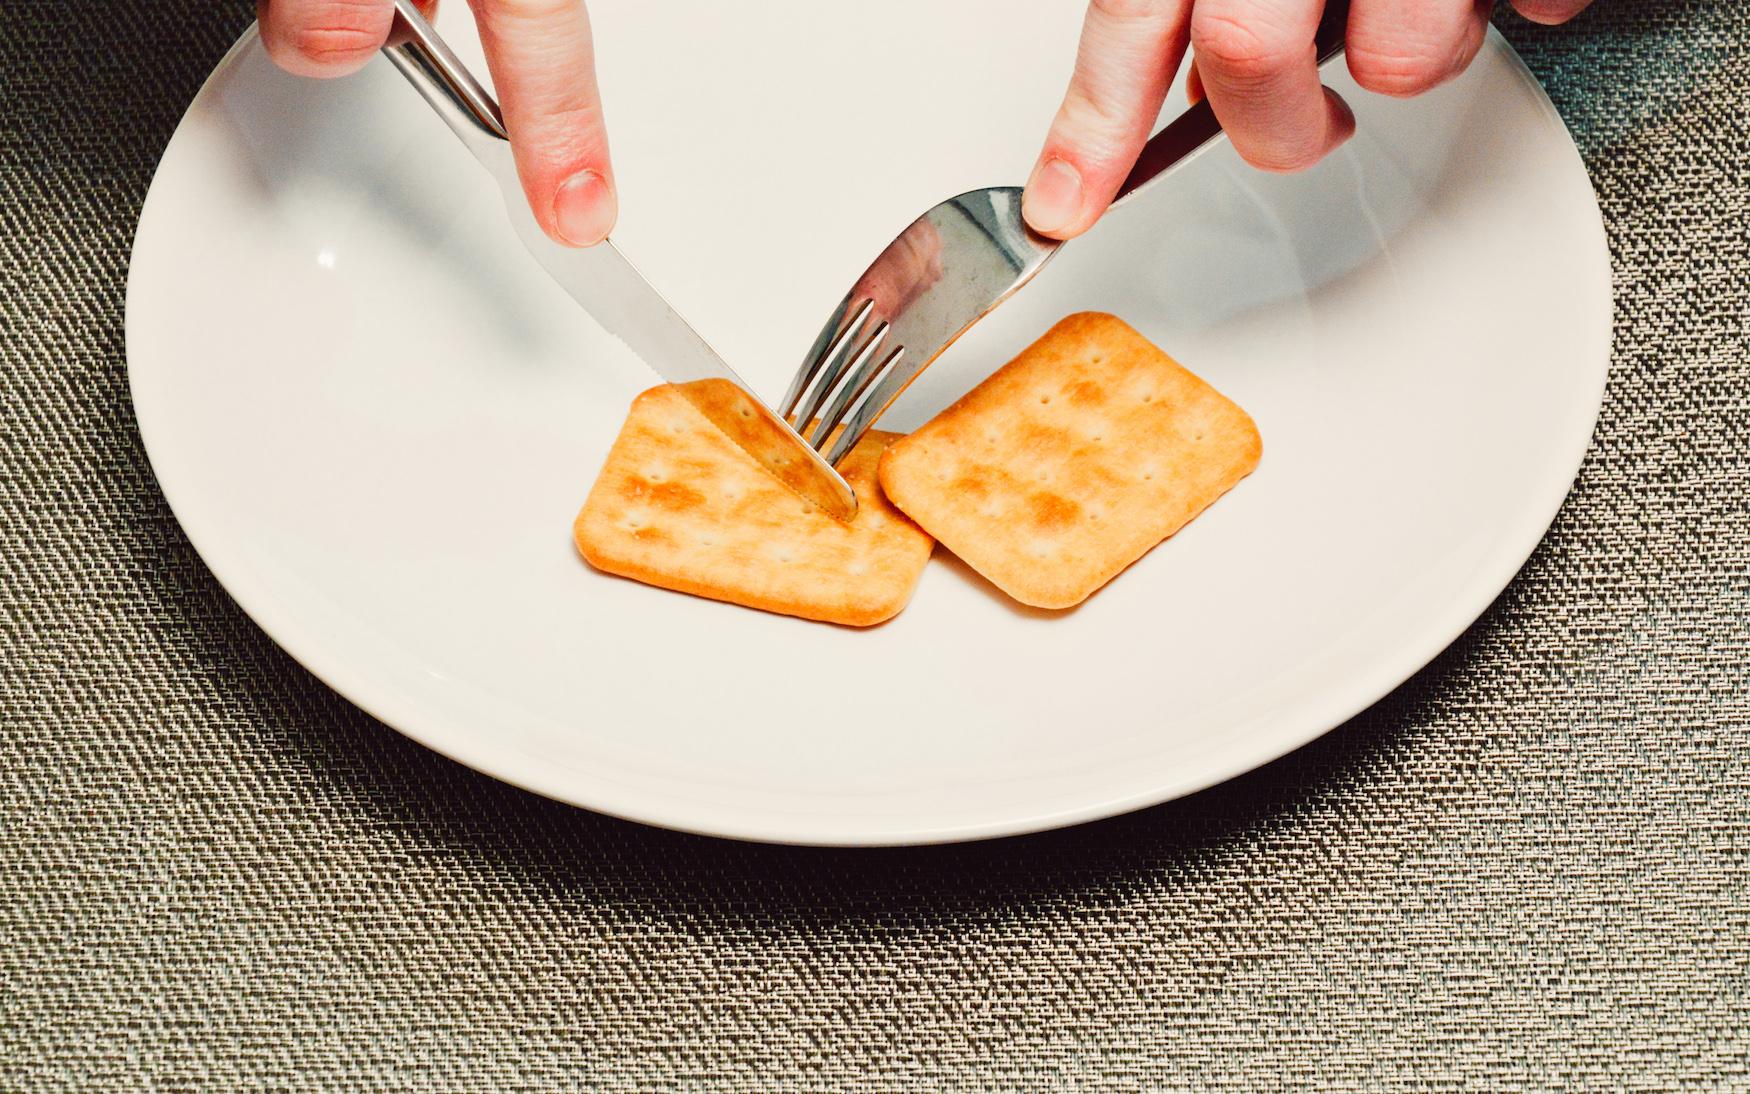 Koolhydraatarm eten: de voors en tegens